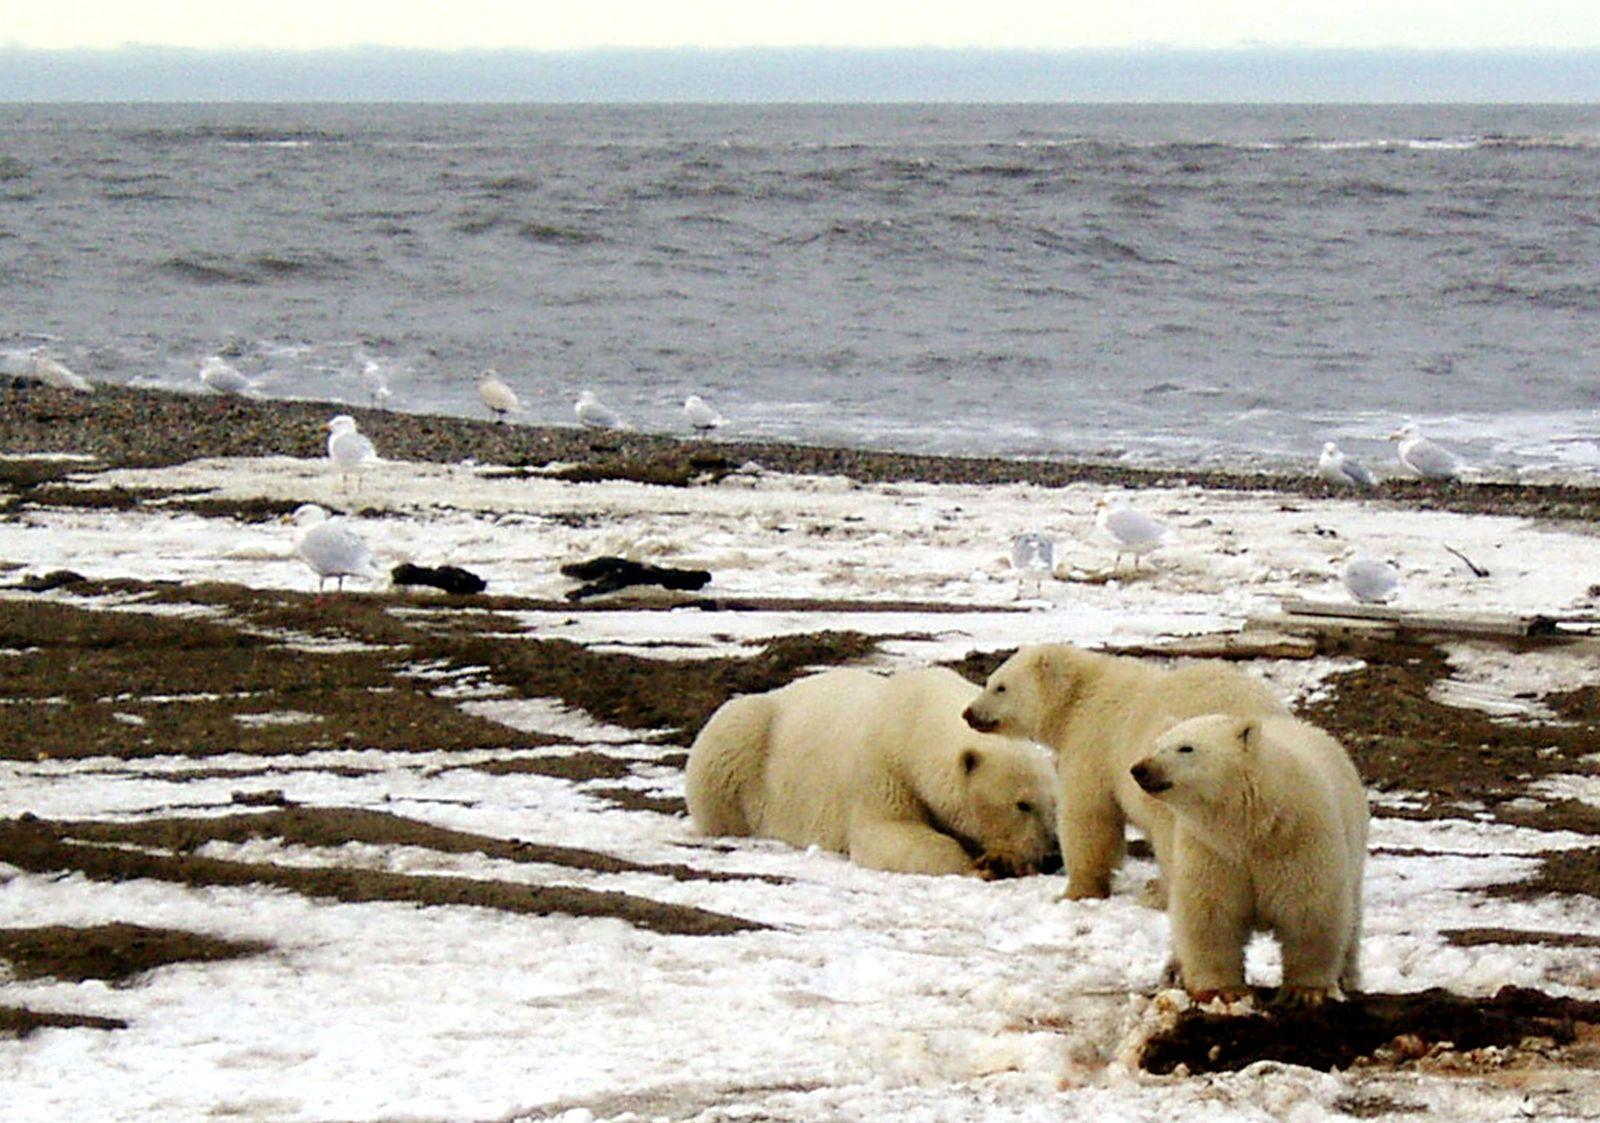 Arktis/Eisbären